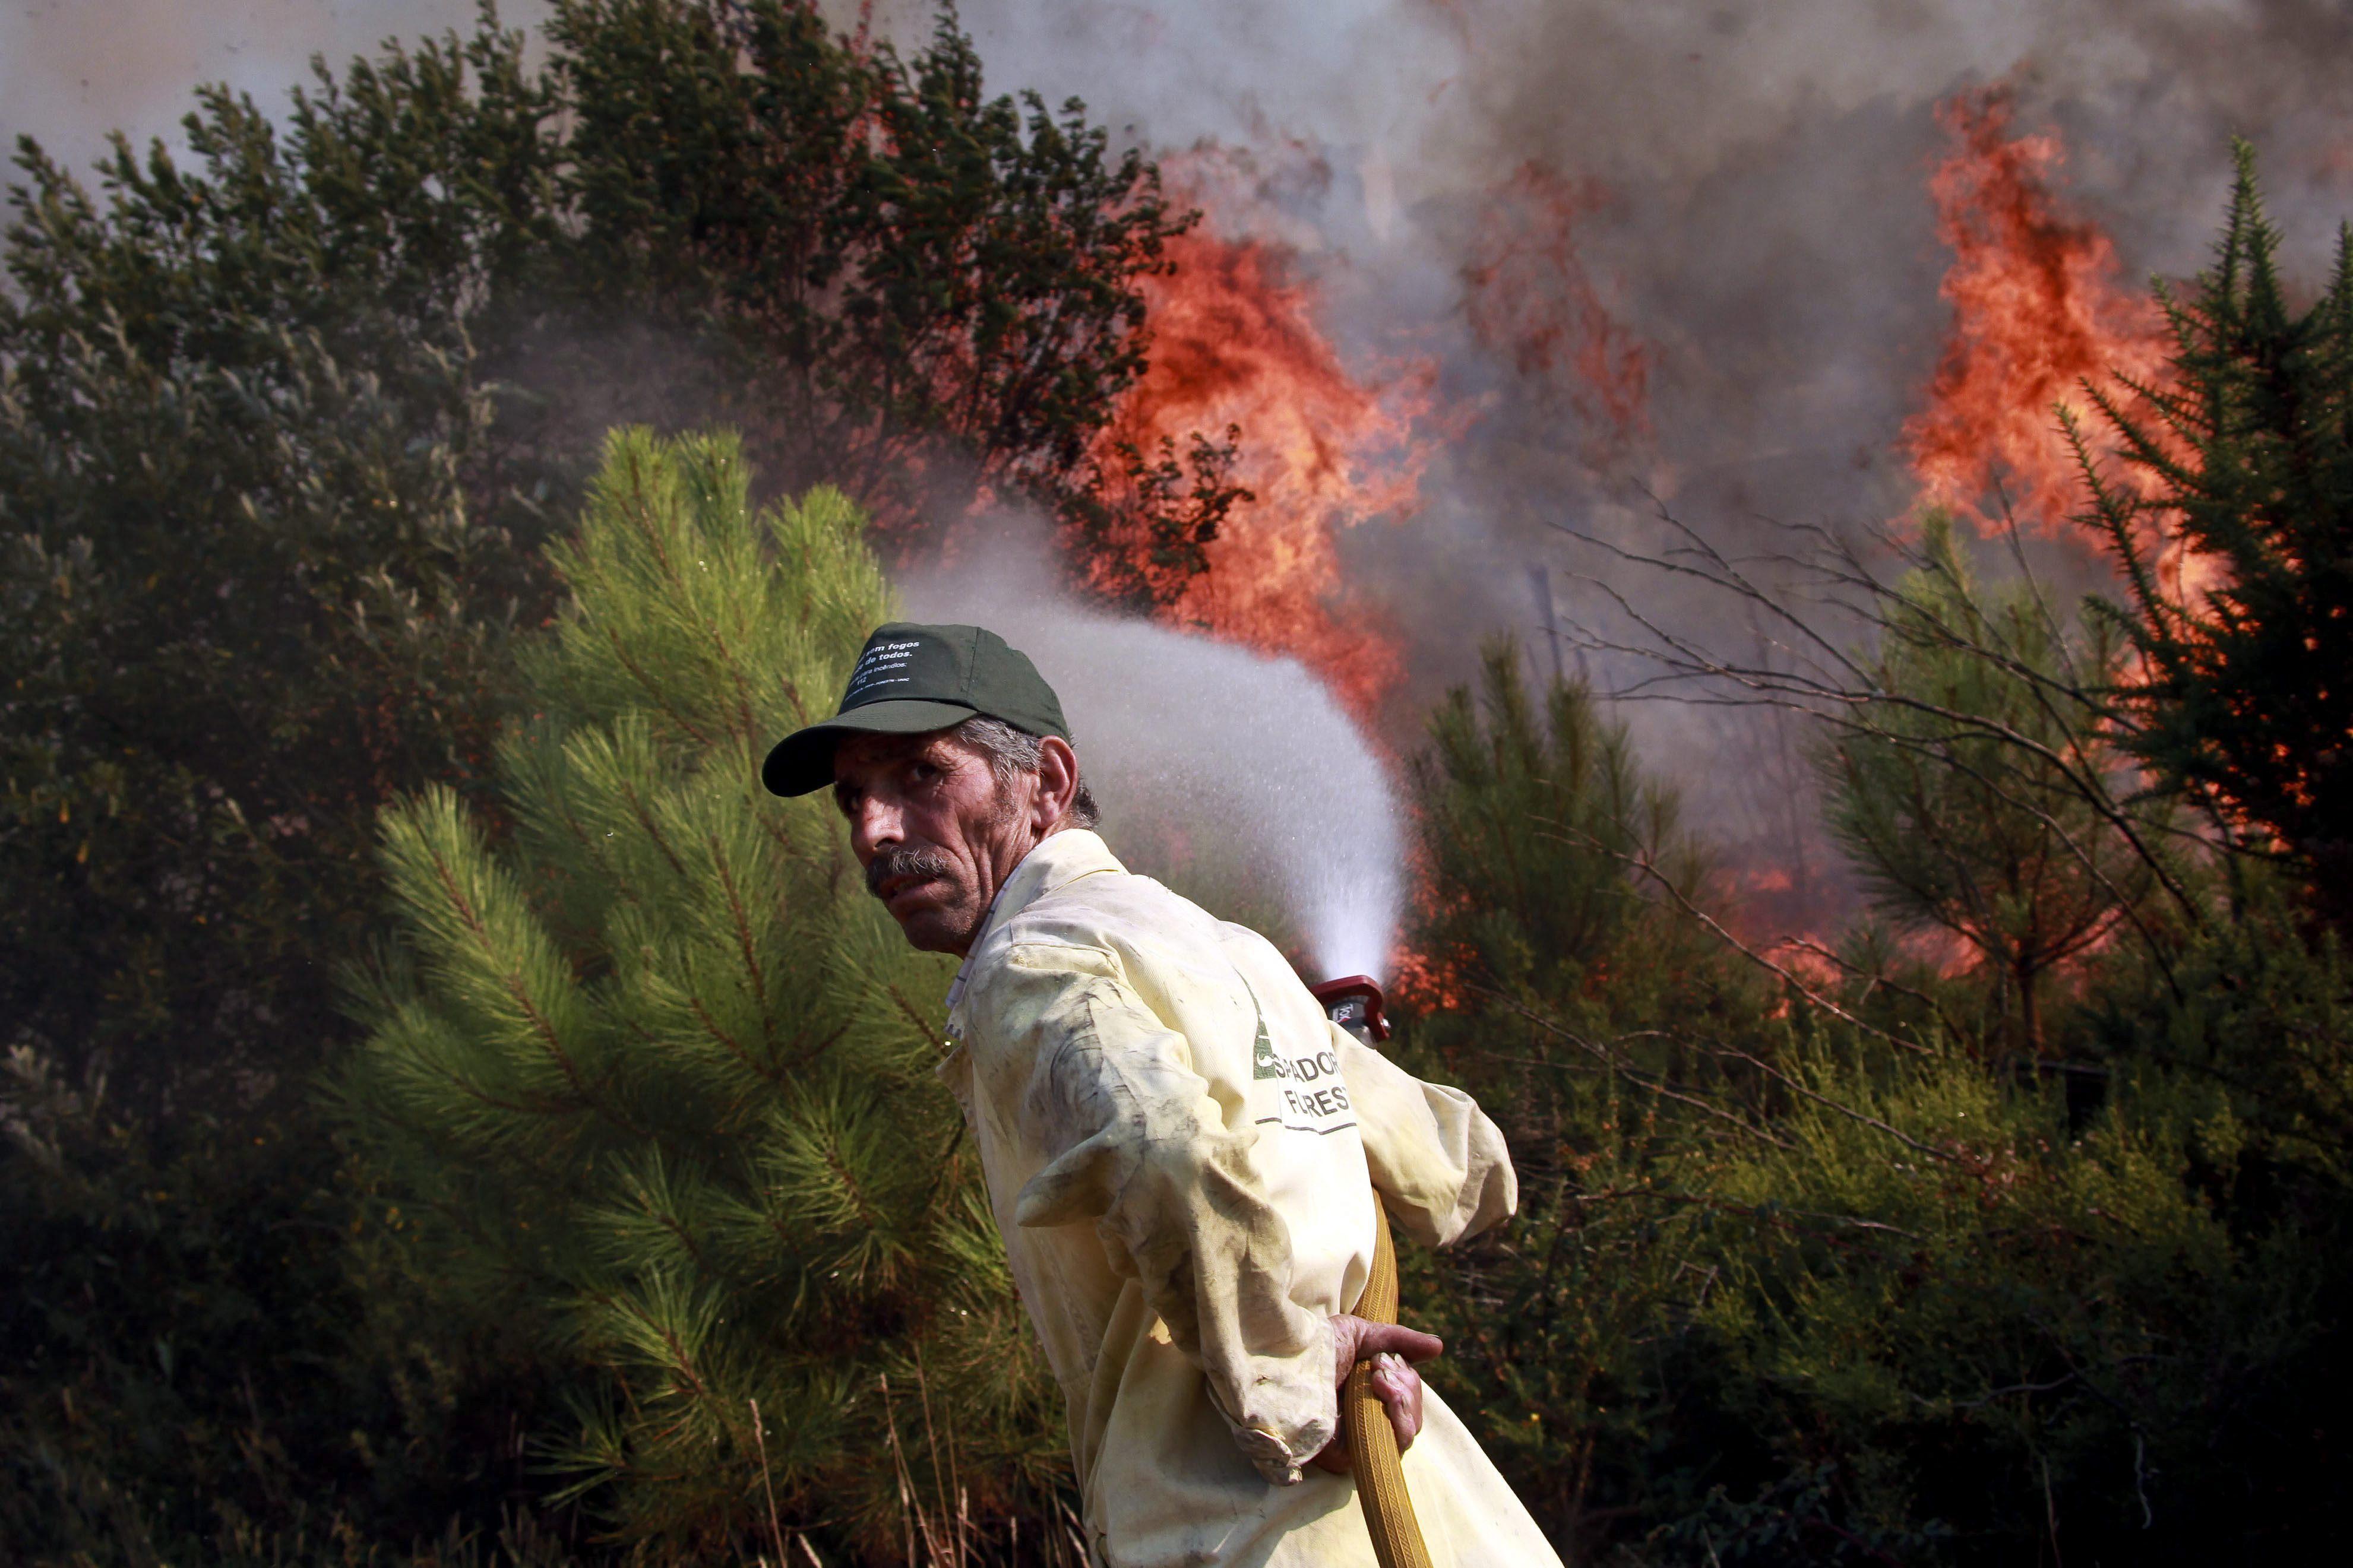 Una decena de importantes fuegos forestales, activos en el norte de Portugal